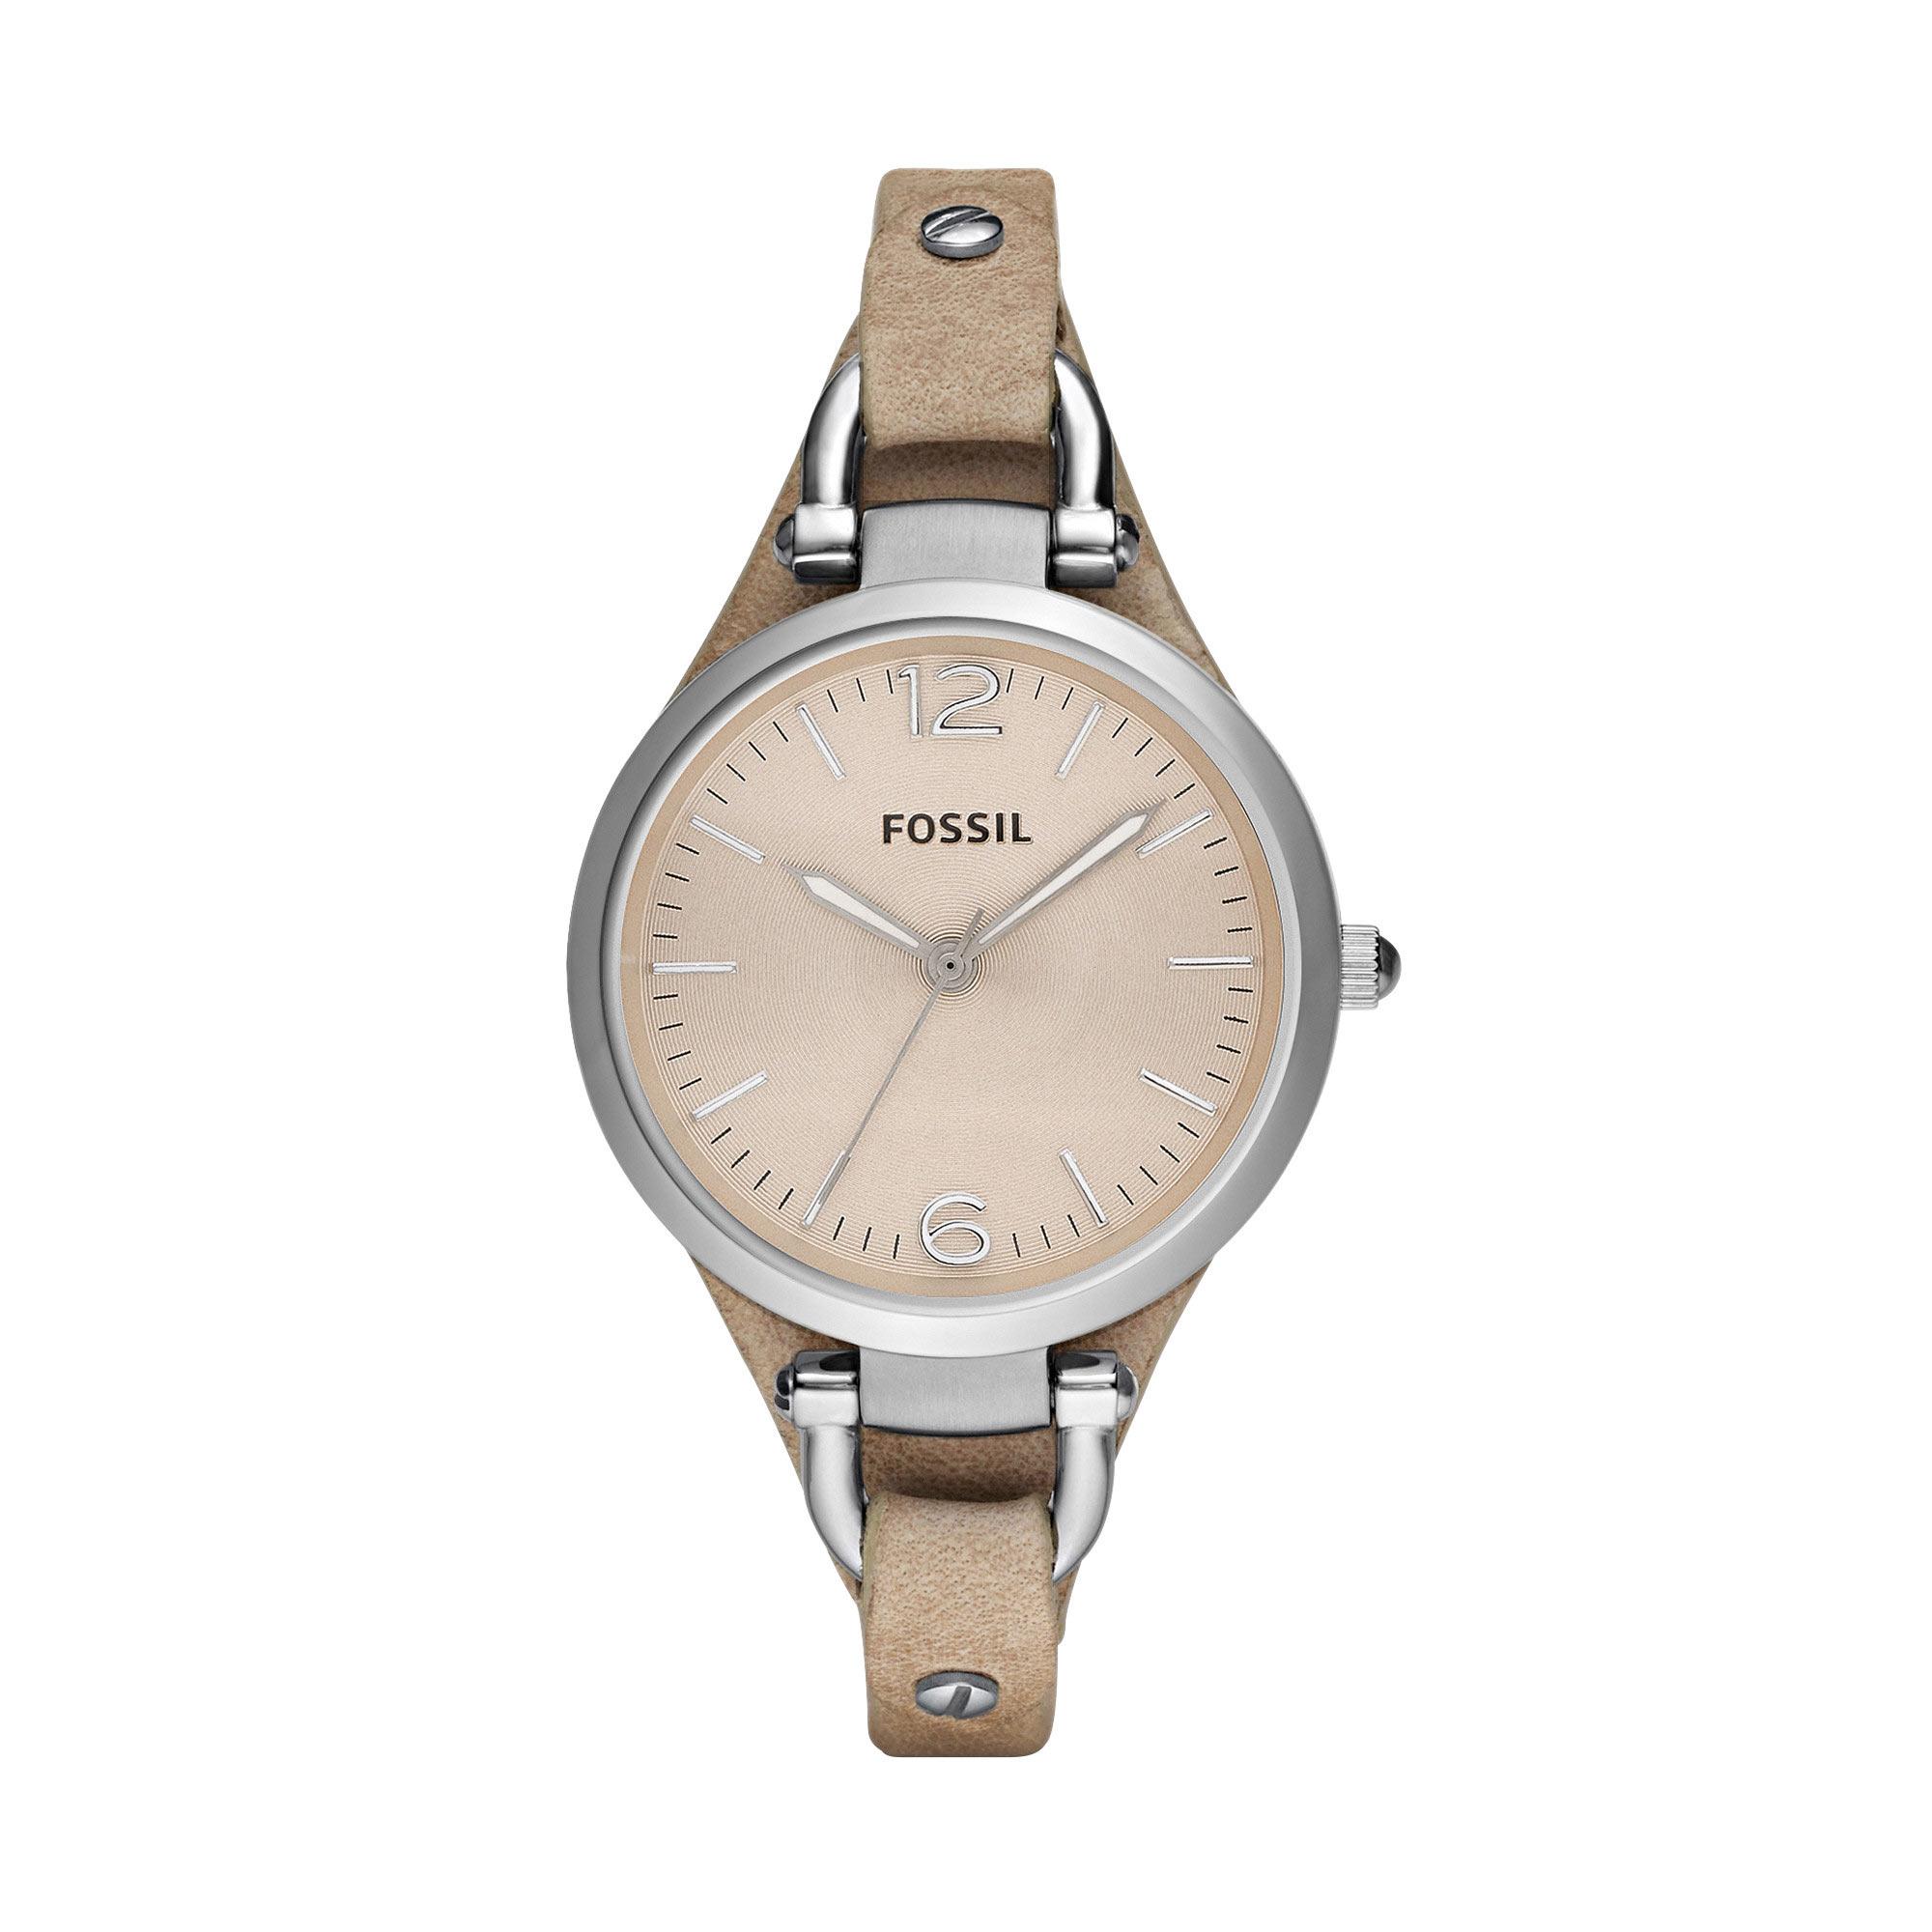 Montre Fossil femme acier bracelet cuir , vue V1